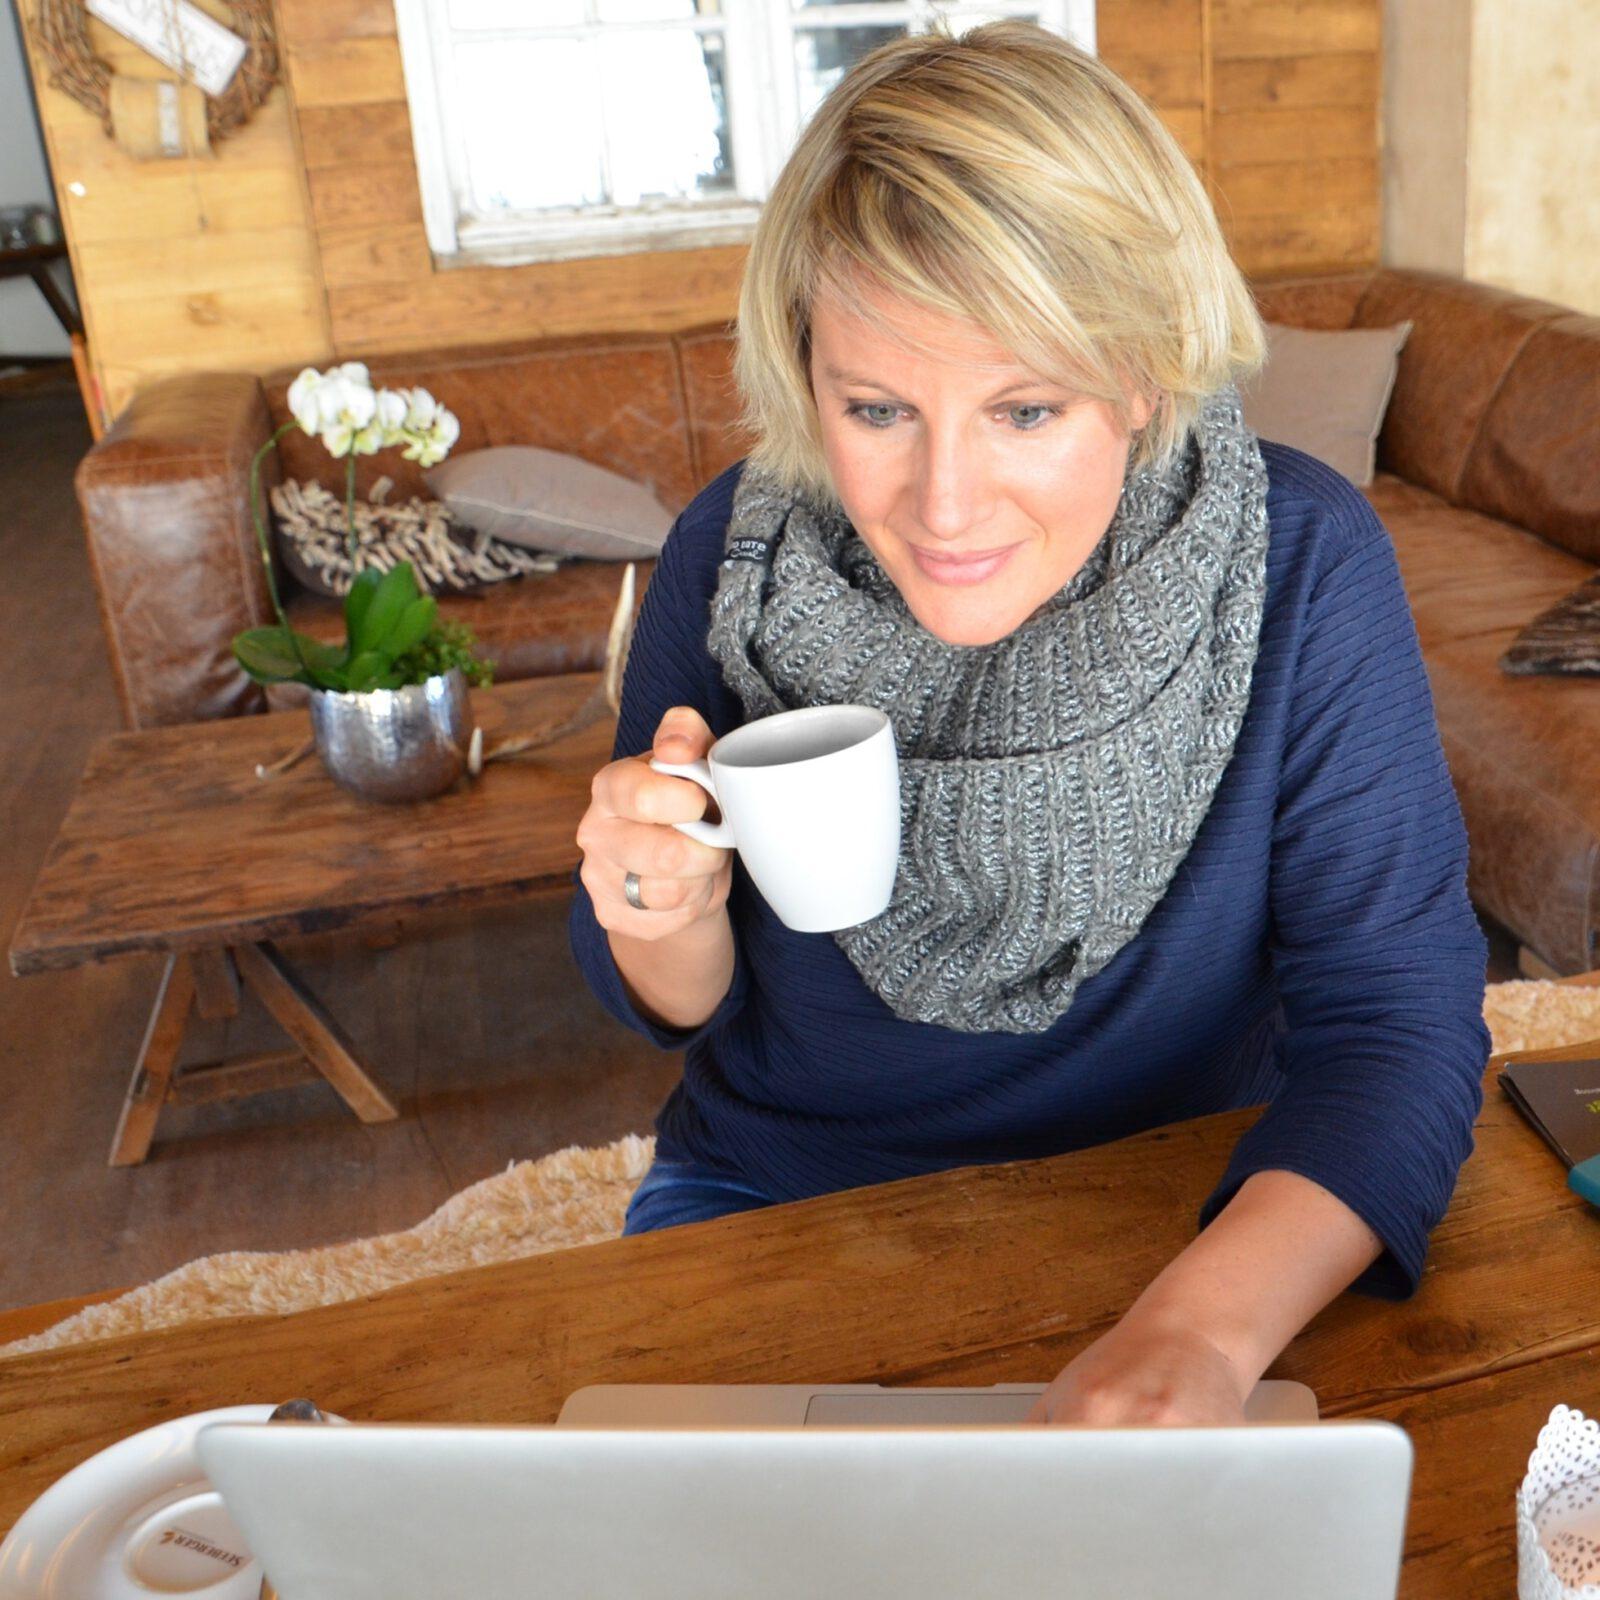 Katja Voigt arbeitet mit einer Tasse Kaffee in der Hand am Laptop